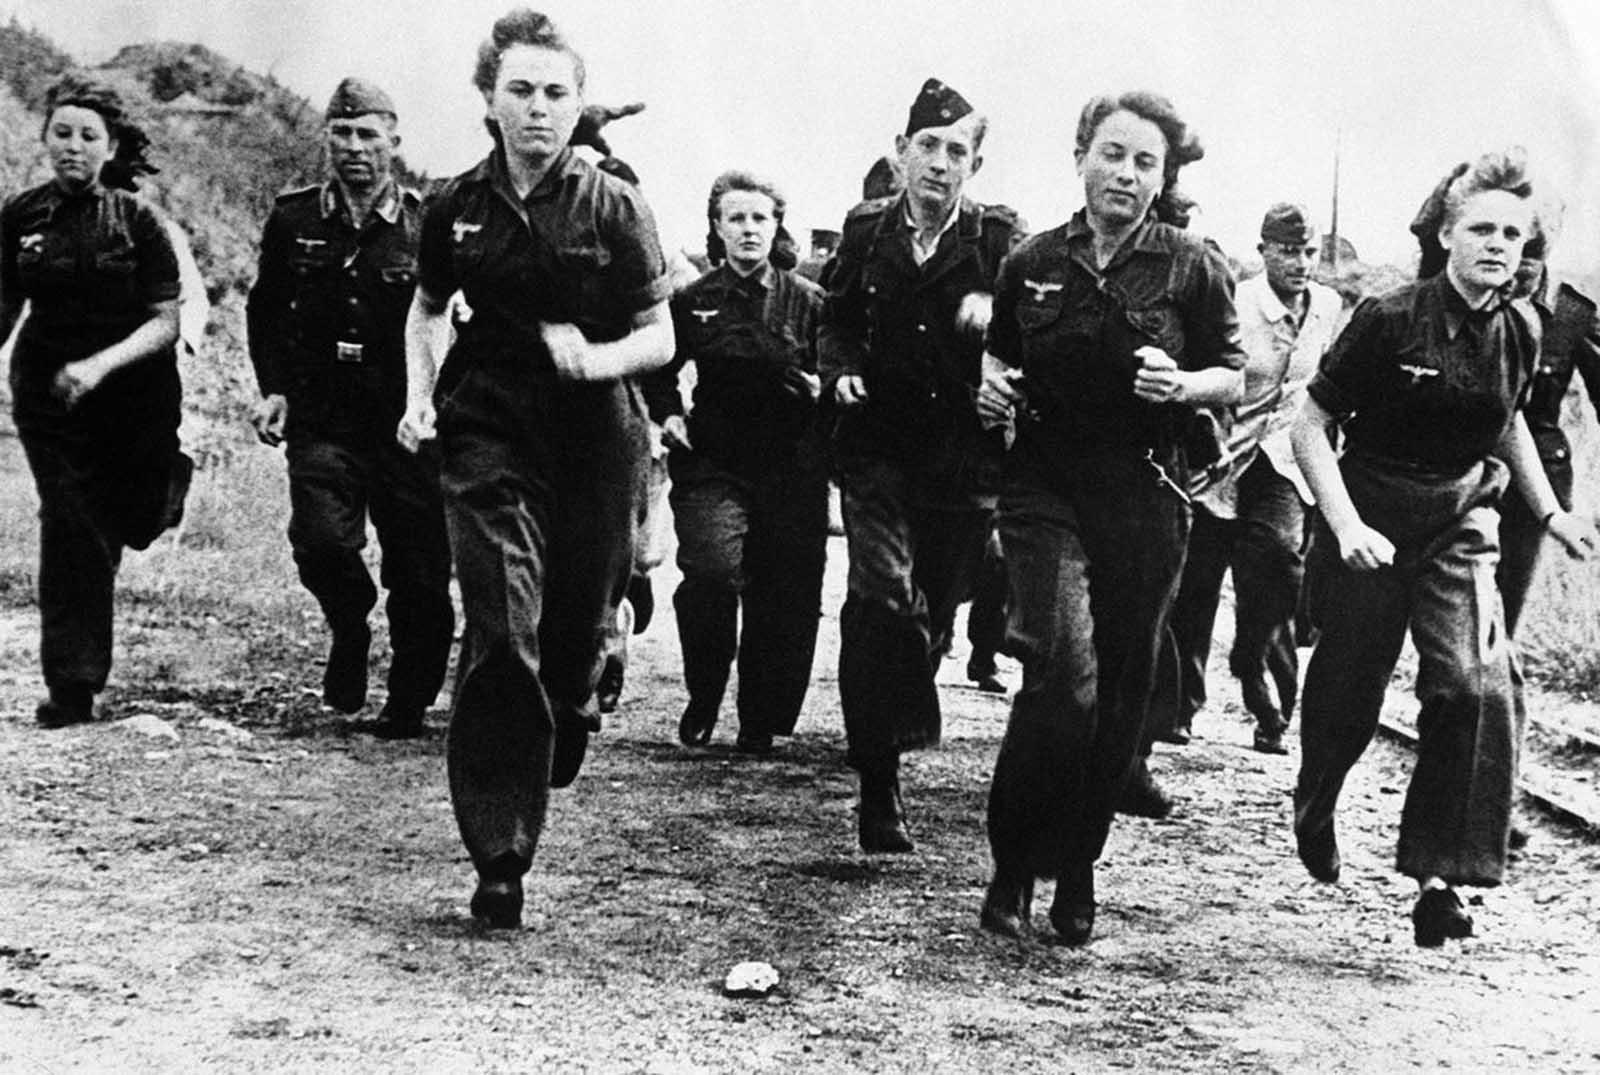 Cada vez más niñas se unen a la Luftwaffe bajo la campaña de reclutamiento total de Alemania. Están reemplazando a los hombres transferidos al ejército para tomar las armas en lugar de aviones contra las fuerzas aliadas que avanzan. Aquí, chicas alemanas son entrenadas con hombres de la Luftwaffe, en algún lugar de Alemania, el 7 de diciembre de 1944.